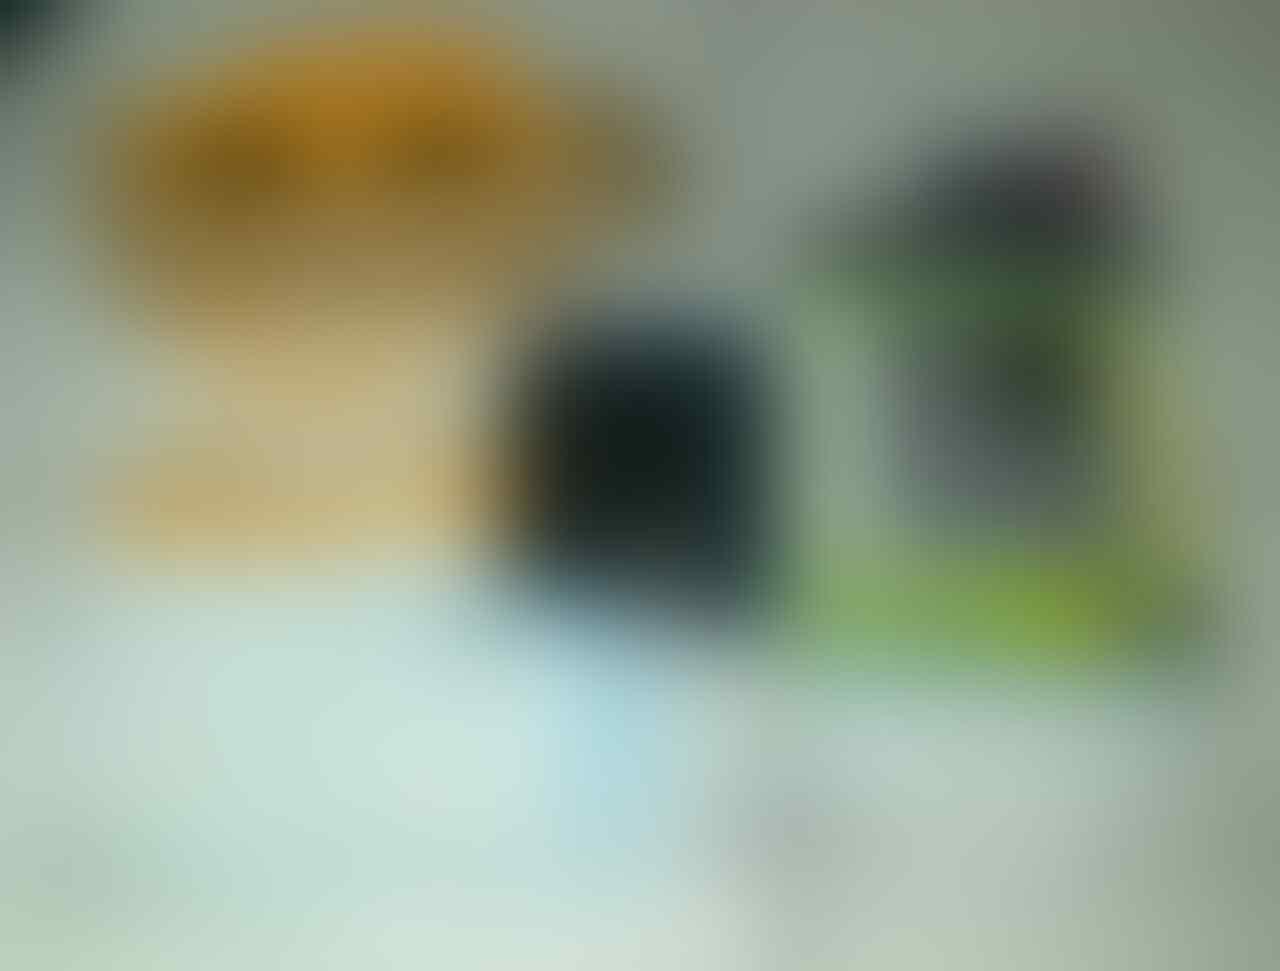 [PALING MURAH+PALING LENGKAP] Film 3D SBS untuk TV LCD 3D dan Kacamata 3D (GARANSI)